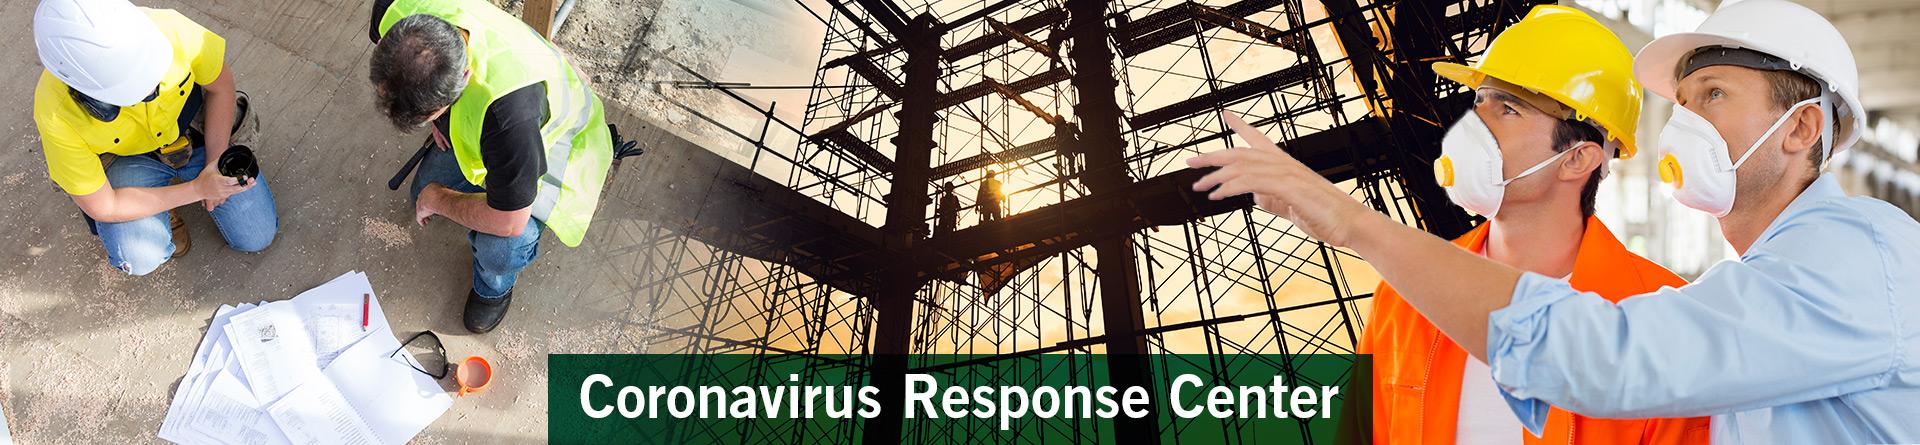 Coronavirus Response Center